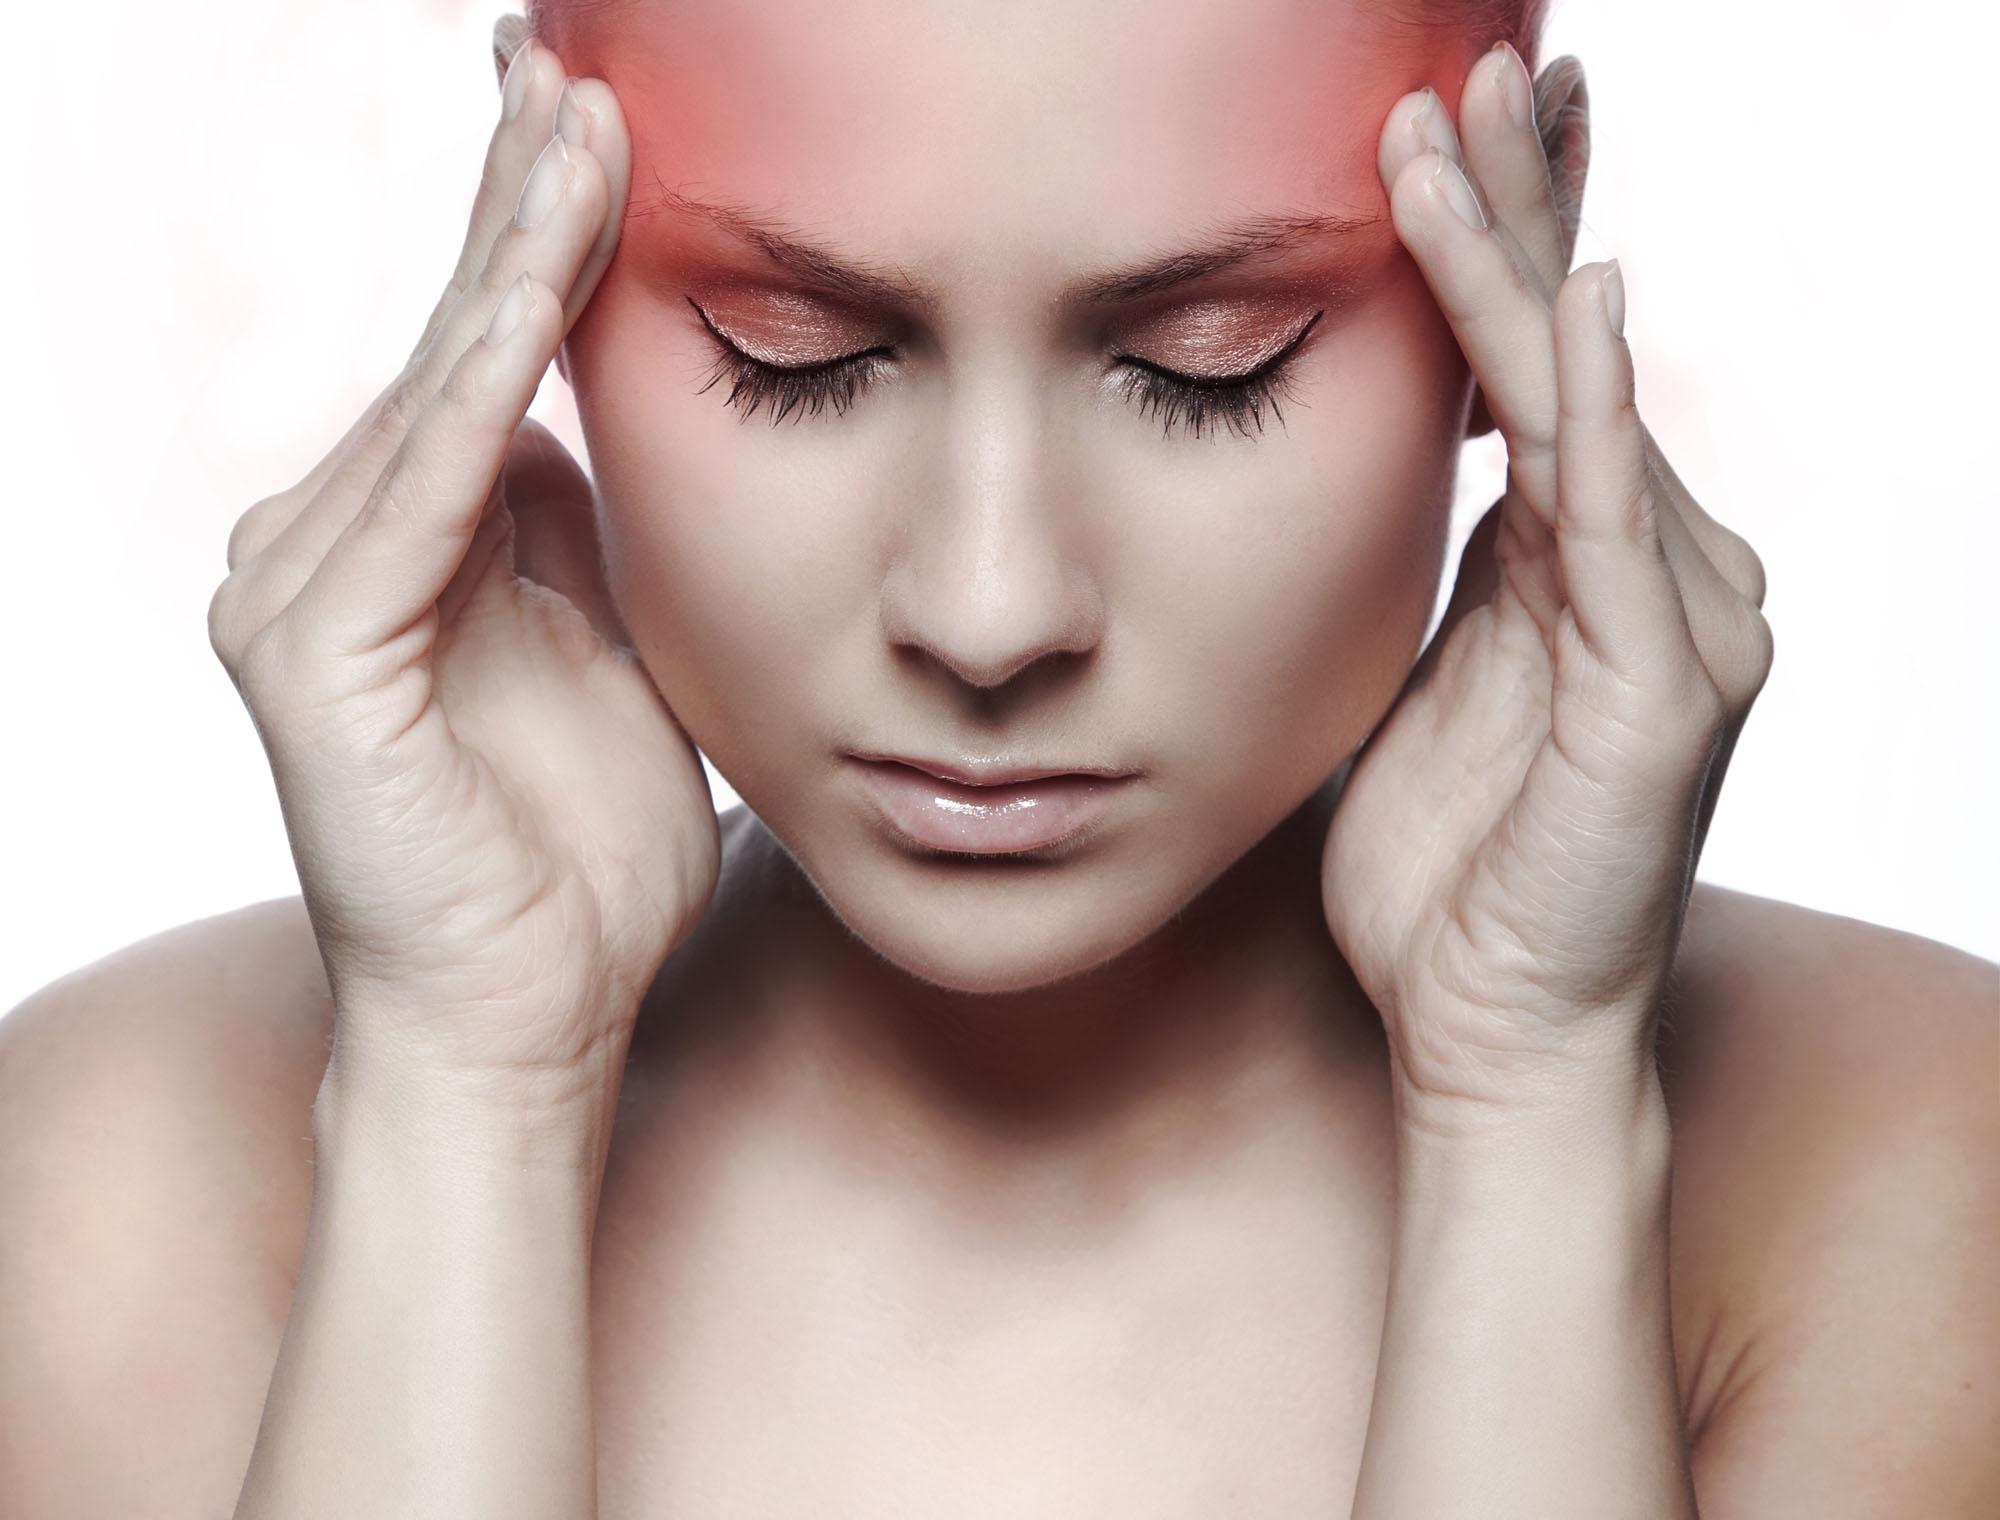 Глисты в голове у человека симптомы